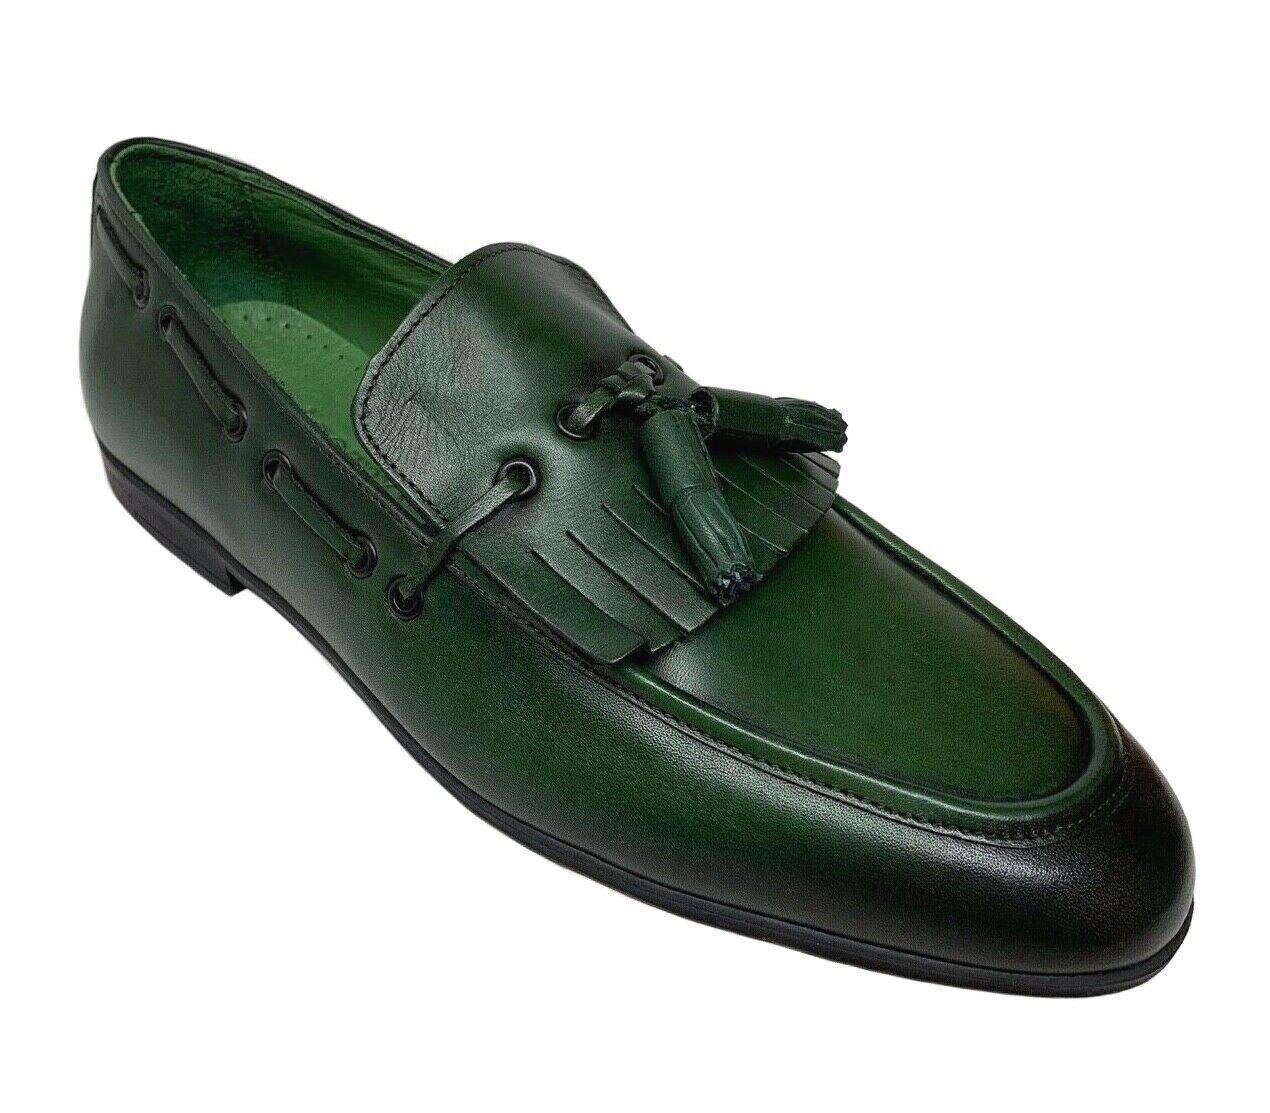 Zapatos de vestir sigotto hombres Para hombres de cuero antideslizante en verde con borlas 3429